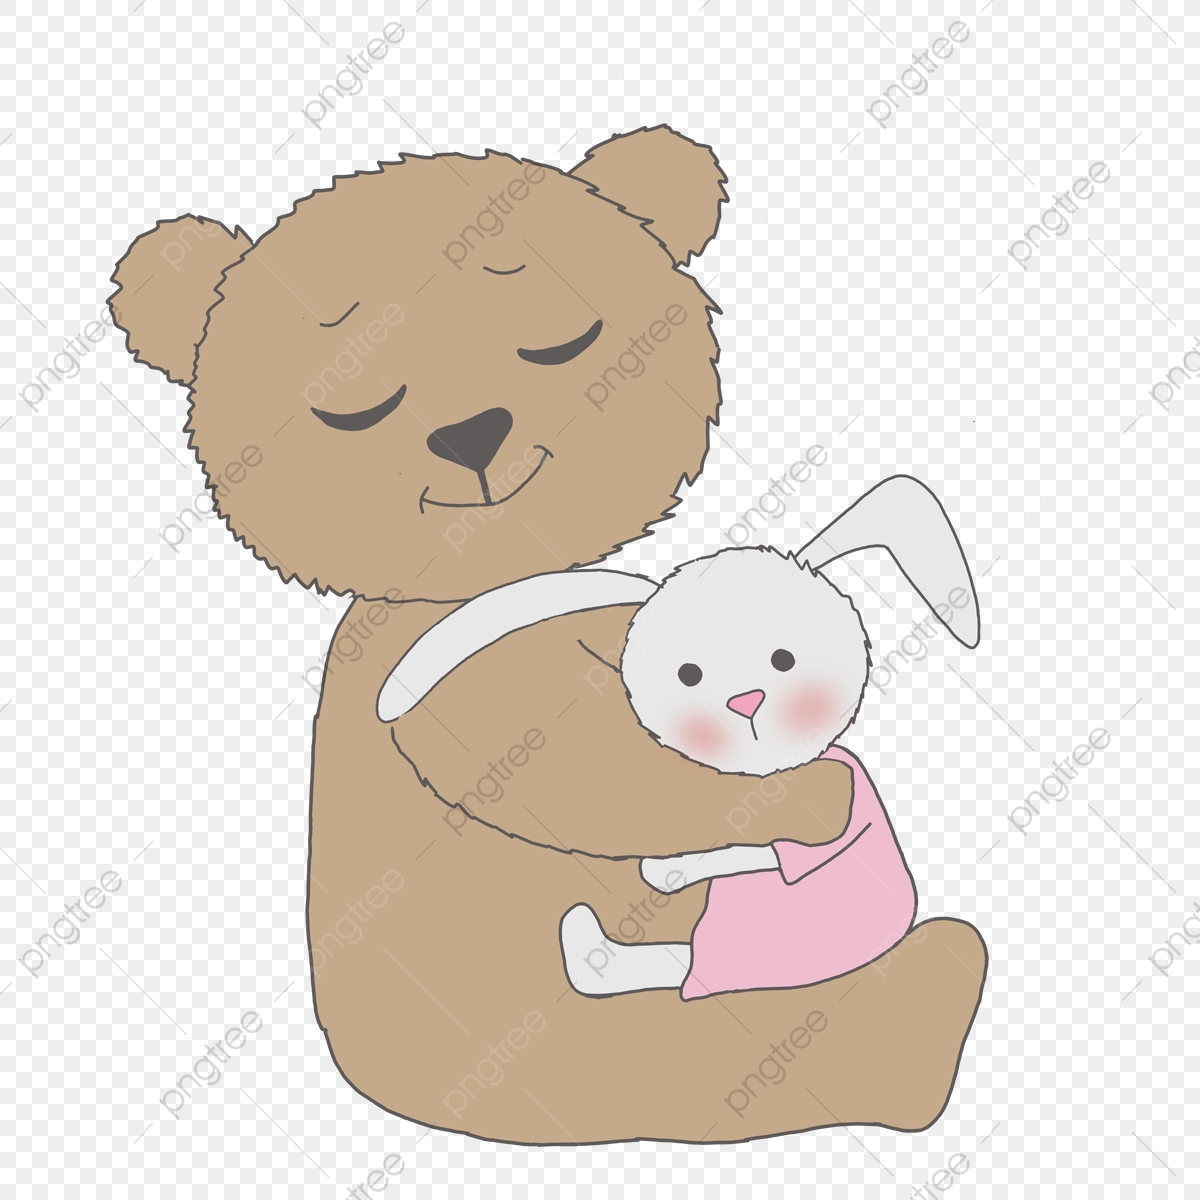 Hug clipart printable. Cute bear bunny